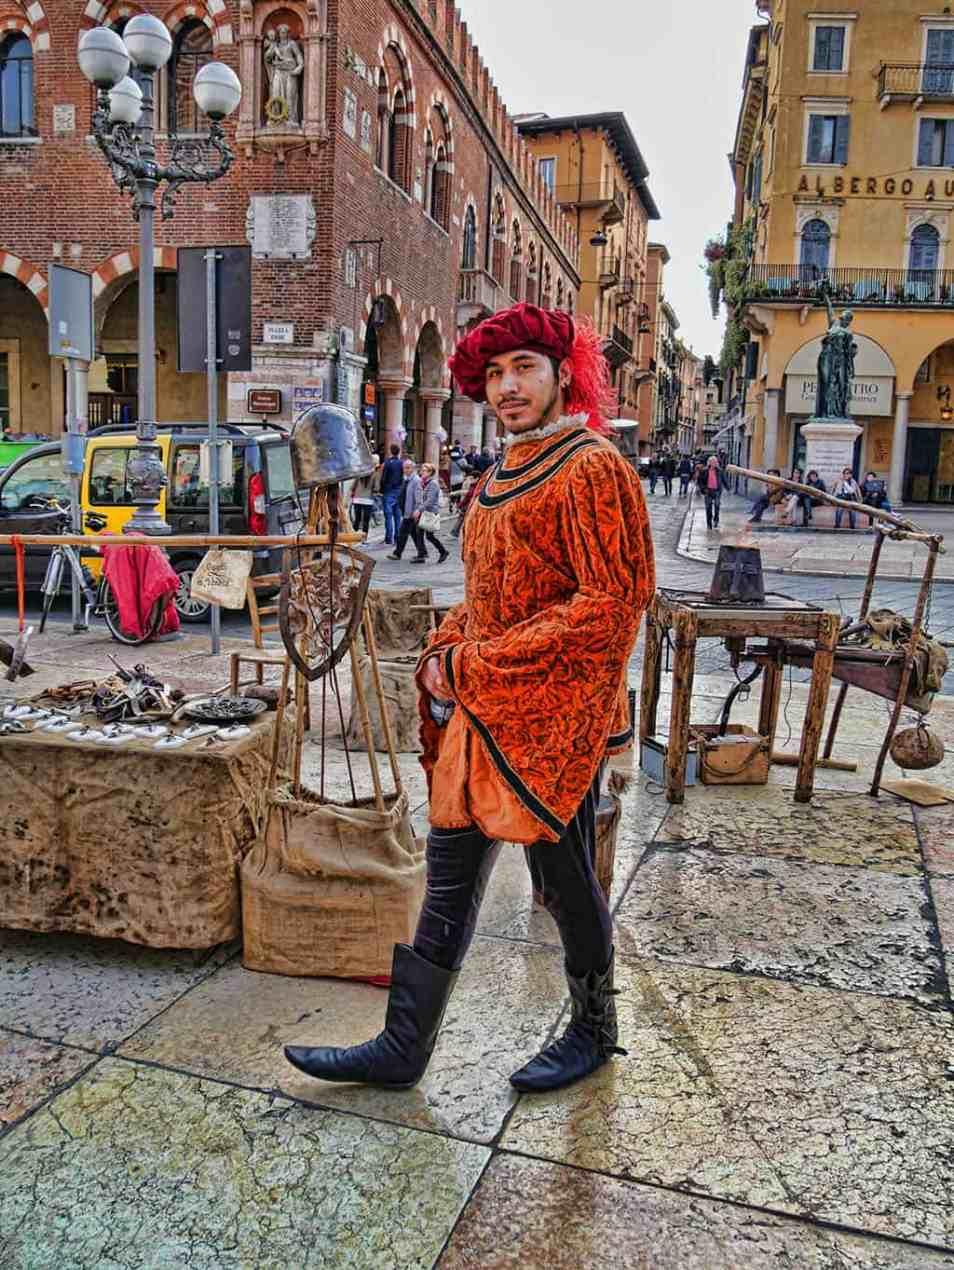 Verona medieval market